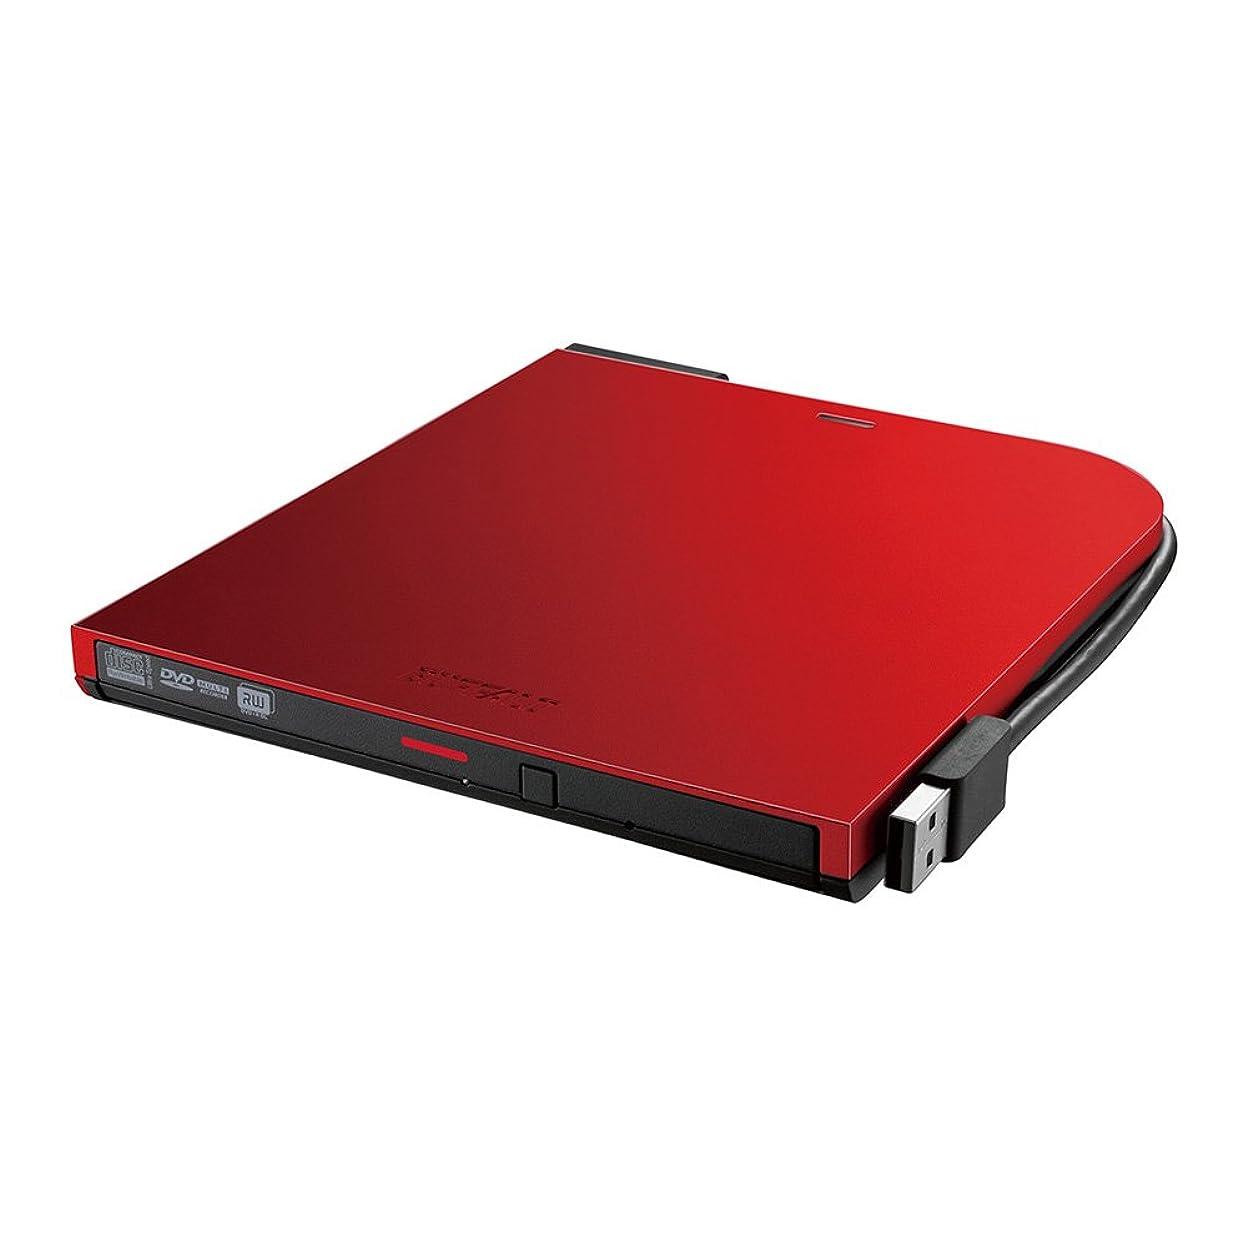 エンディング拷問チーズBUFFALO Surface対応 書き込み 再生 編集ソフト添付 ケーブル収納 ウルトラスリムタイプ ポータブルDVD ホワイト DVSM-PTS58U2-WHD